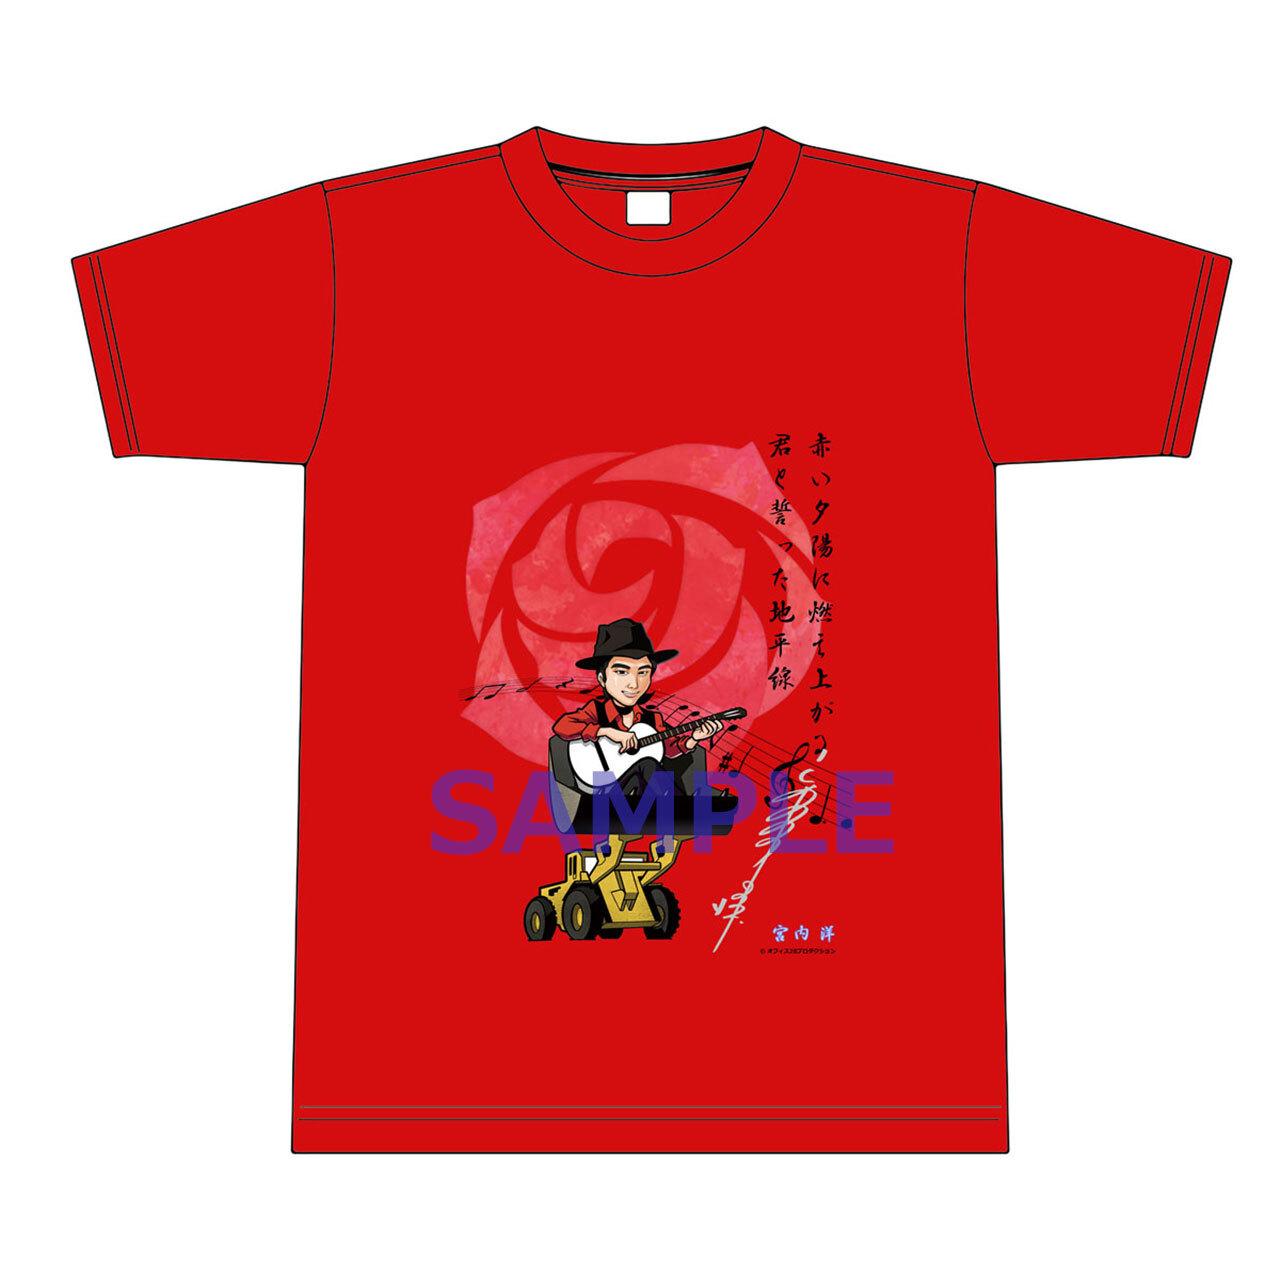 【4589839361453先】宮内洋 Tシャツ A /XXL 銀色箔押しサイン付きver.